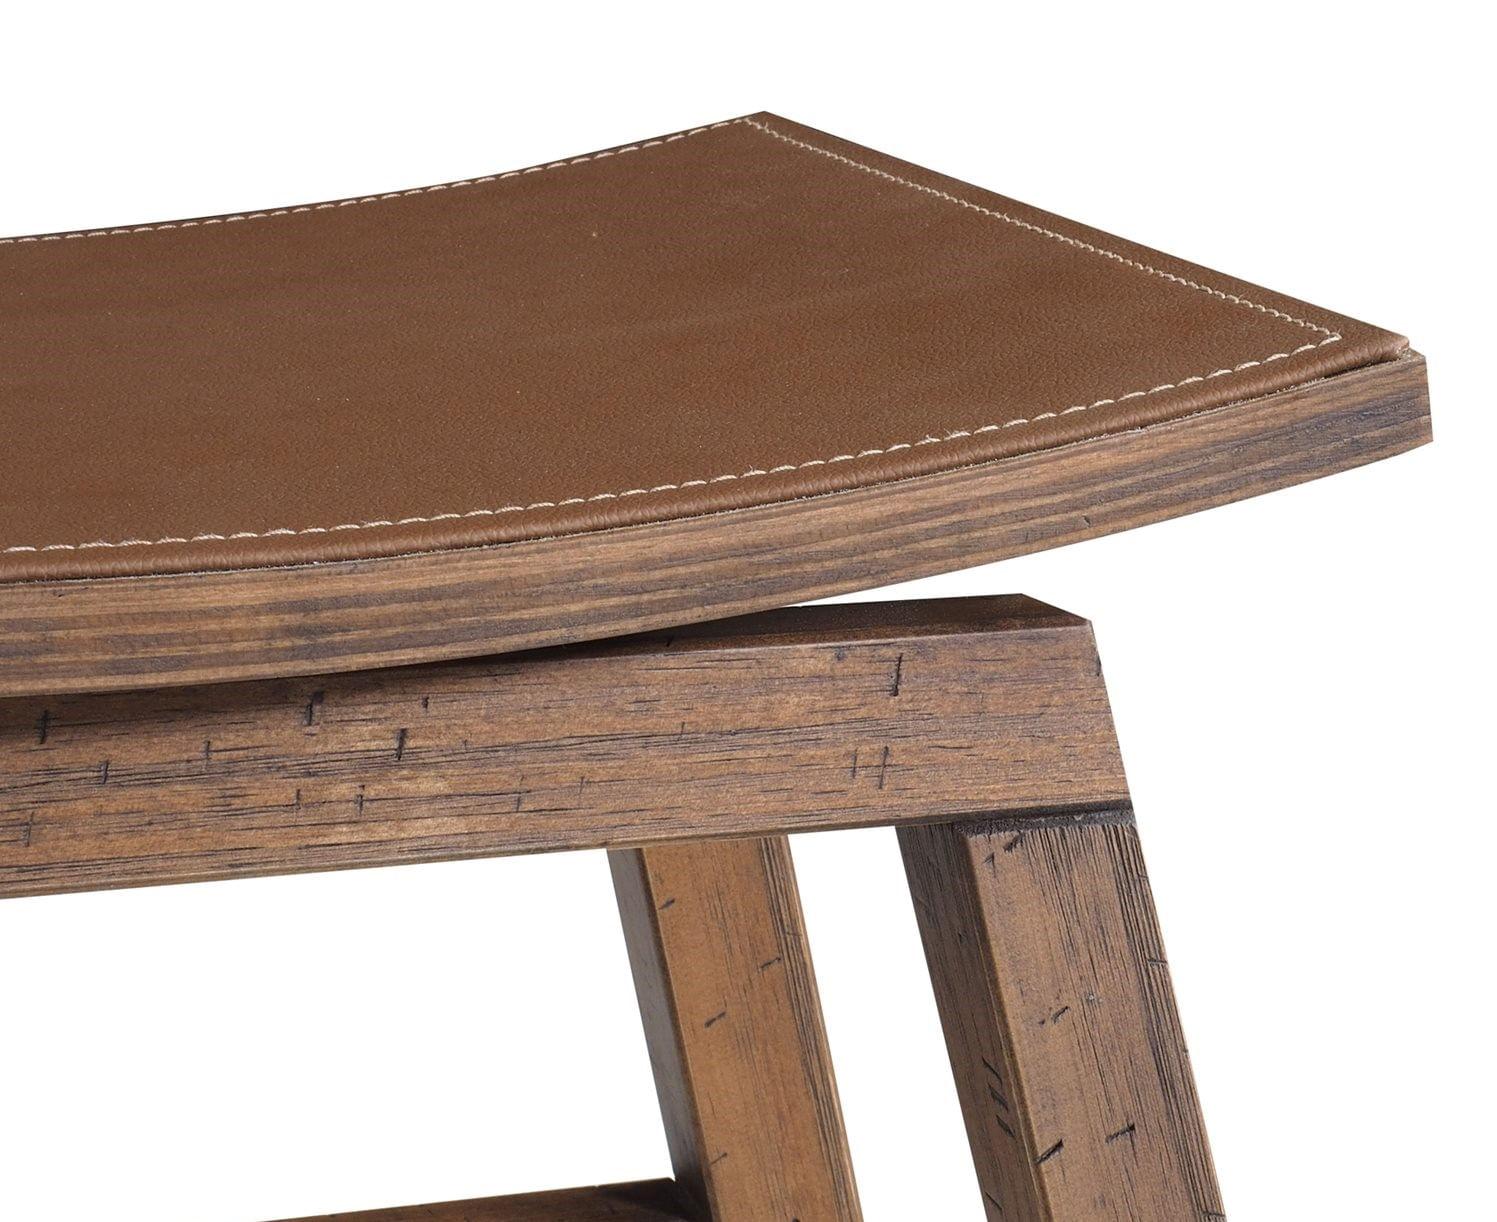 Banqueta Star Alta cor Rustic Brown 77 cm (ALT) - 55697